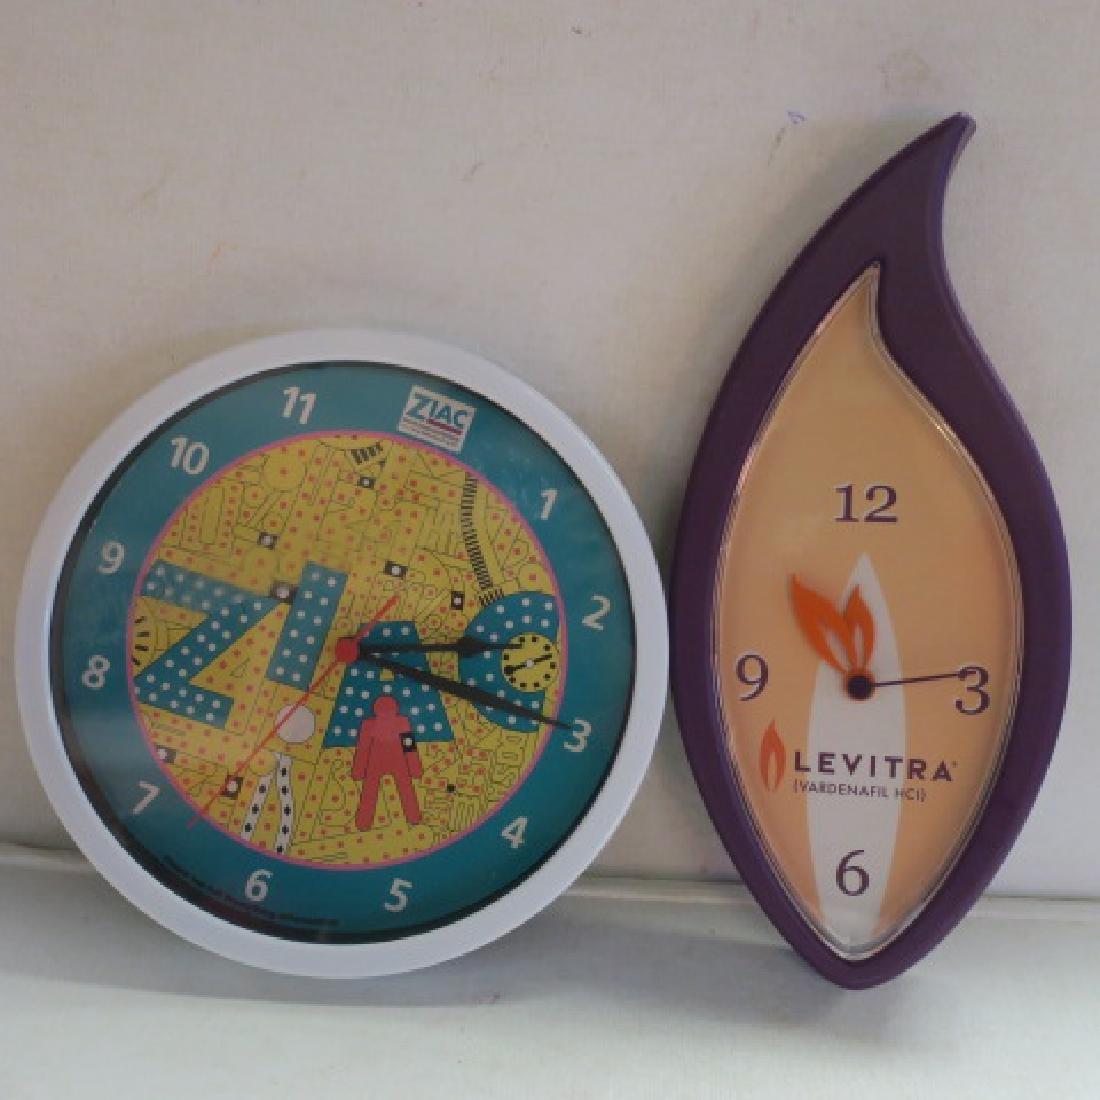 ZIAC and LEVITRA Drug Company Clocks: